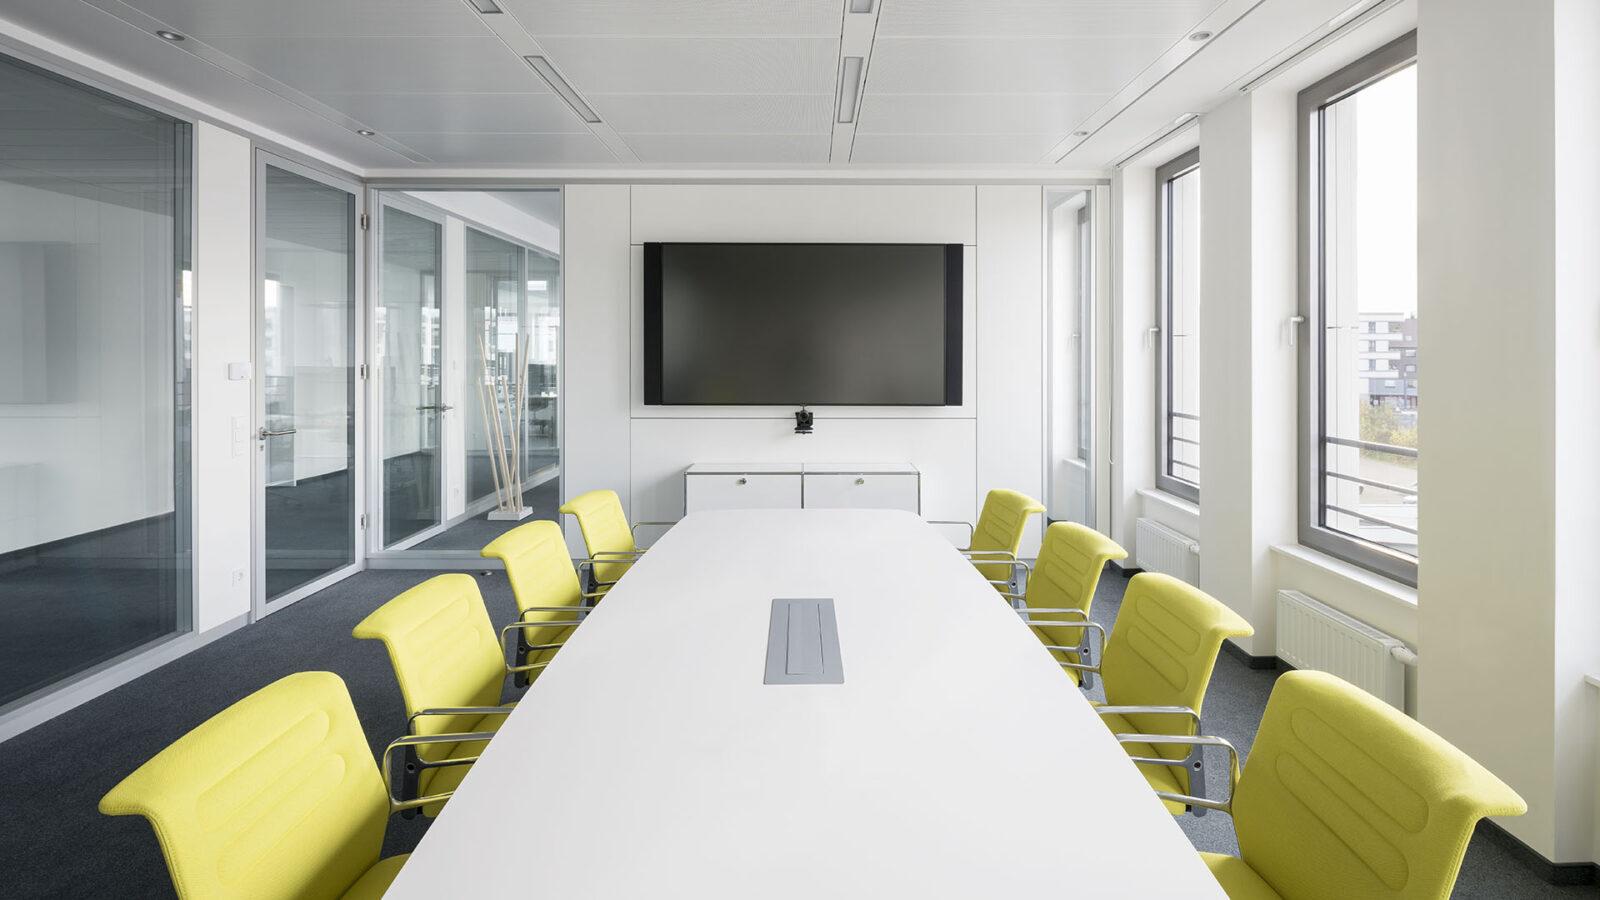 Besprechungs- und Konferenzraum für Videokonferenzen und Zoom-Calls